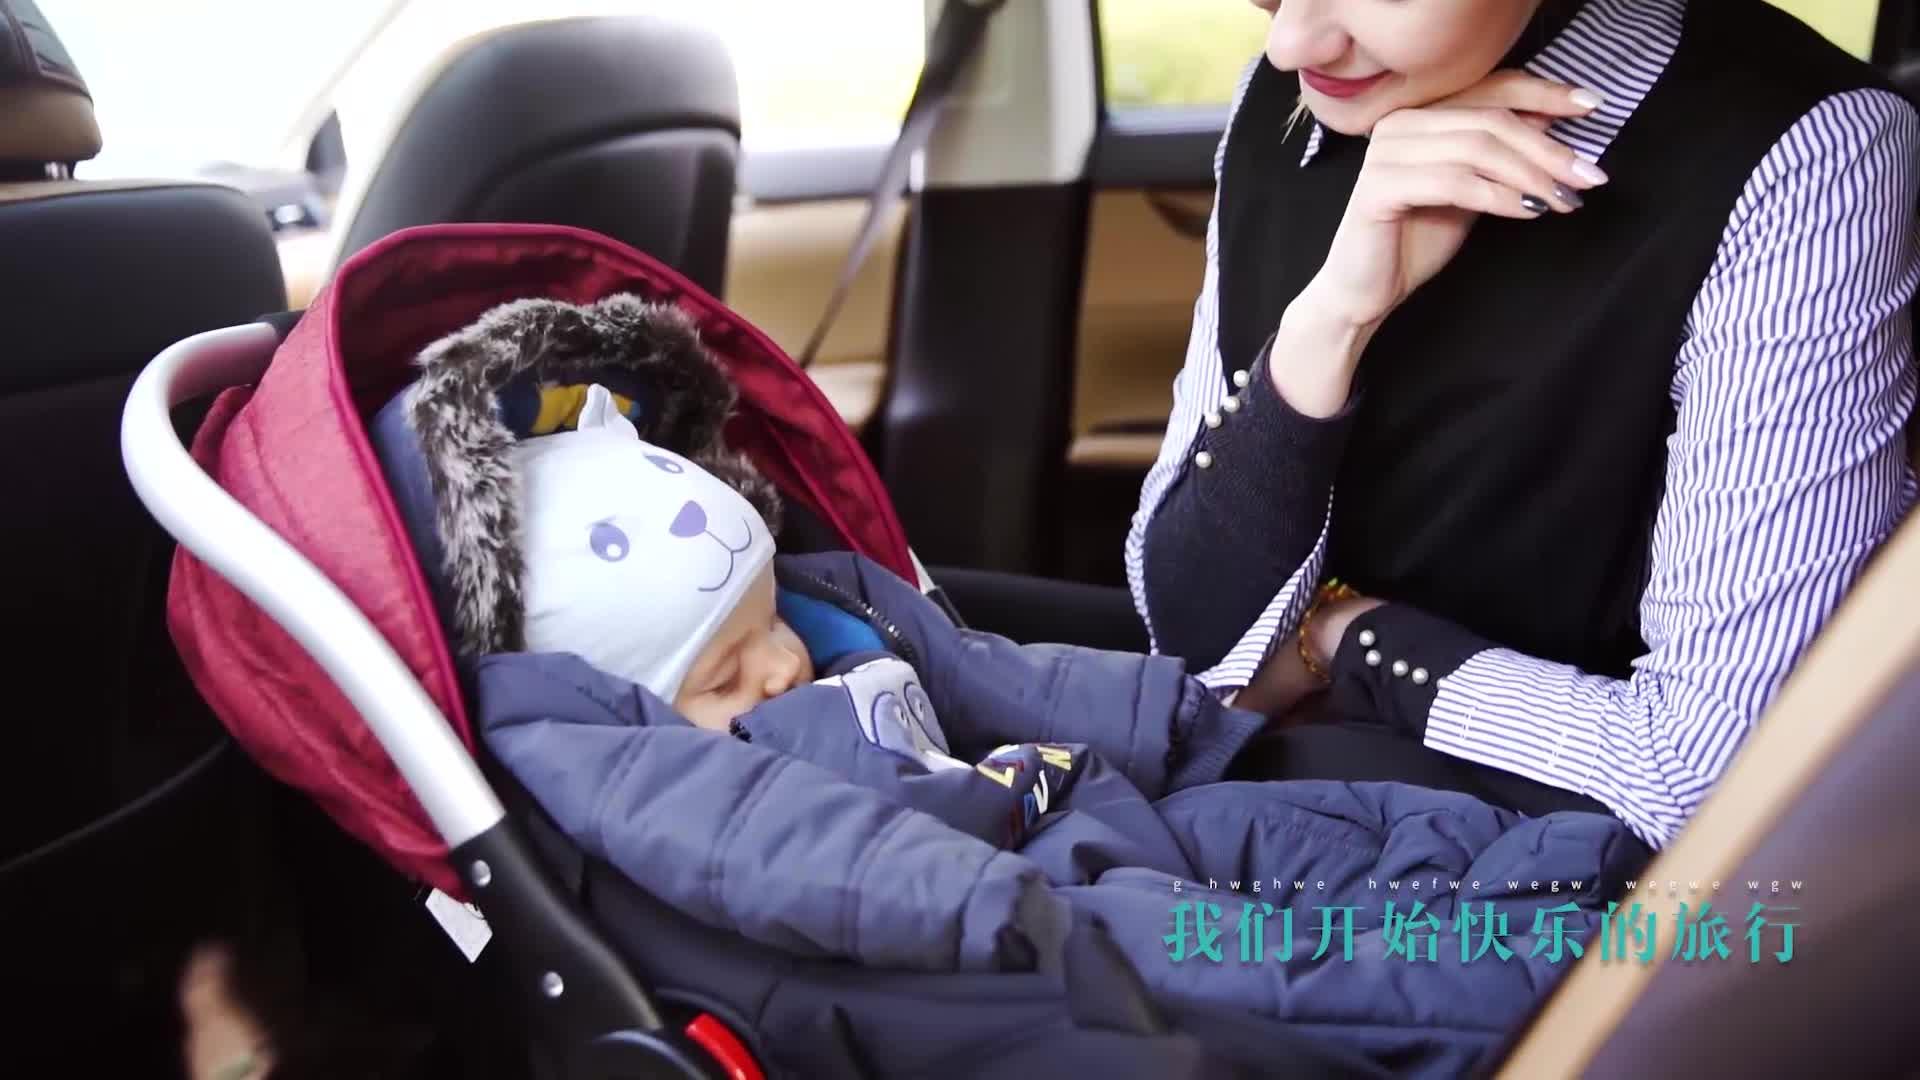 עמיד בשימוש 0-15 חודשים קבוצת 0 + עגלת מכונית מושב תינוק מכונית מושב בטיחות